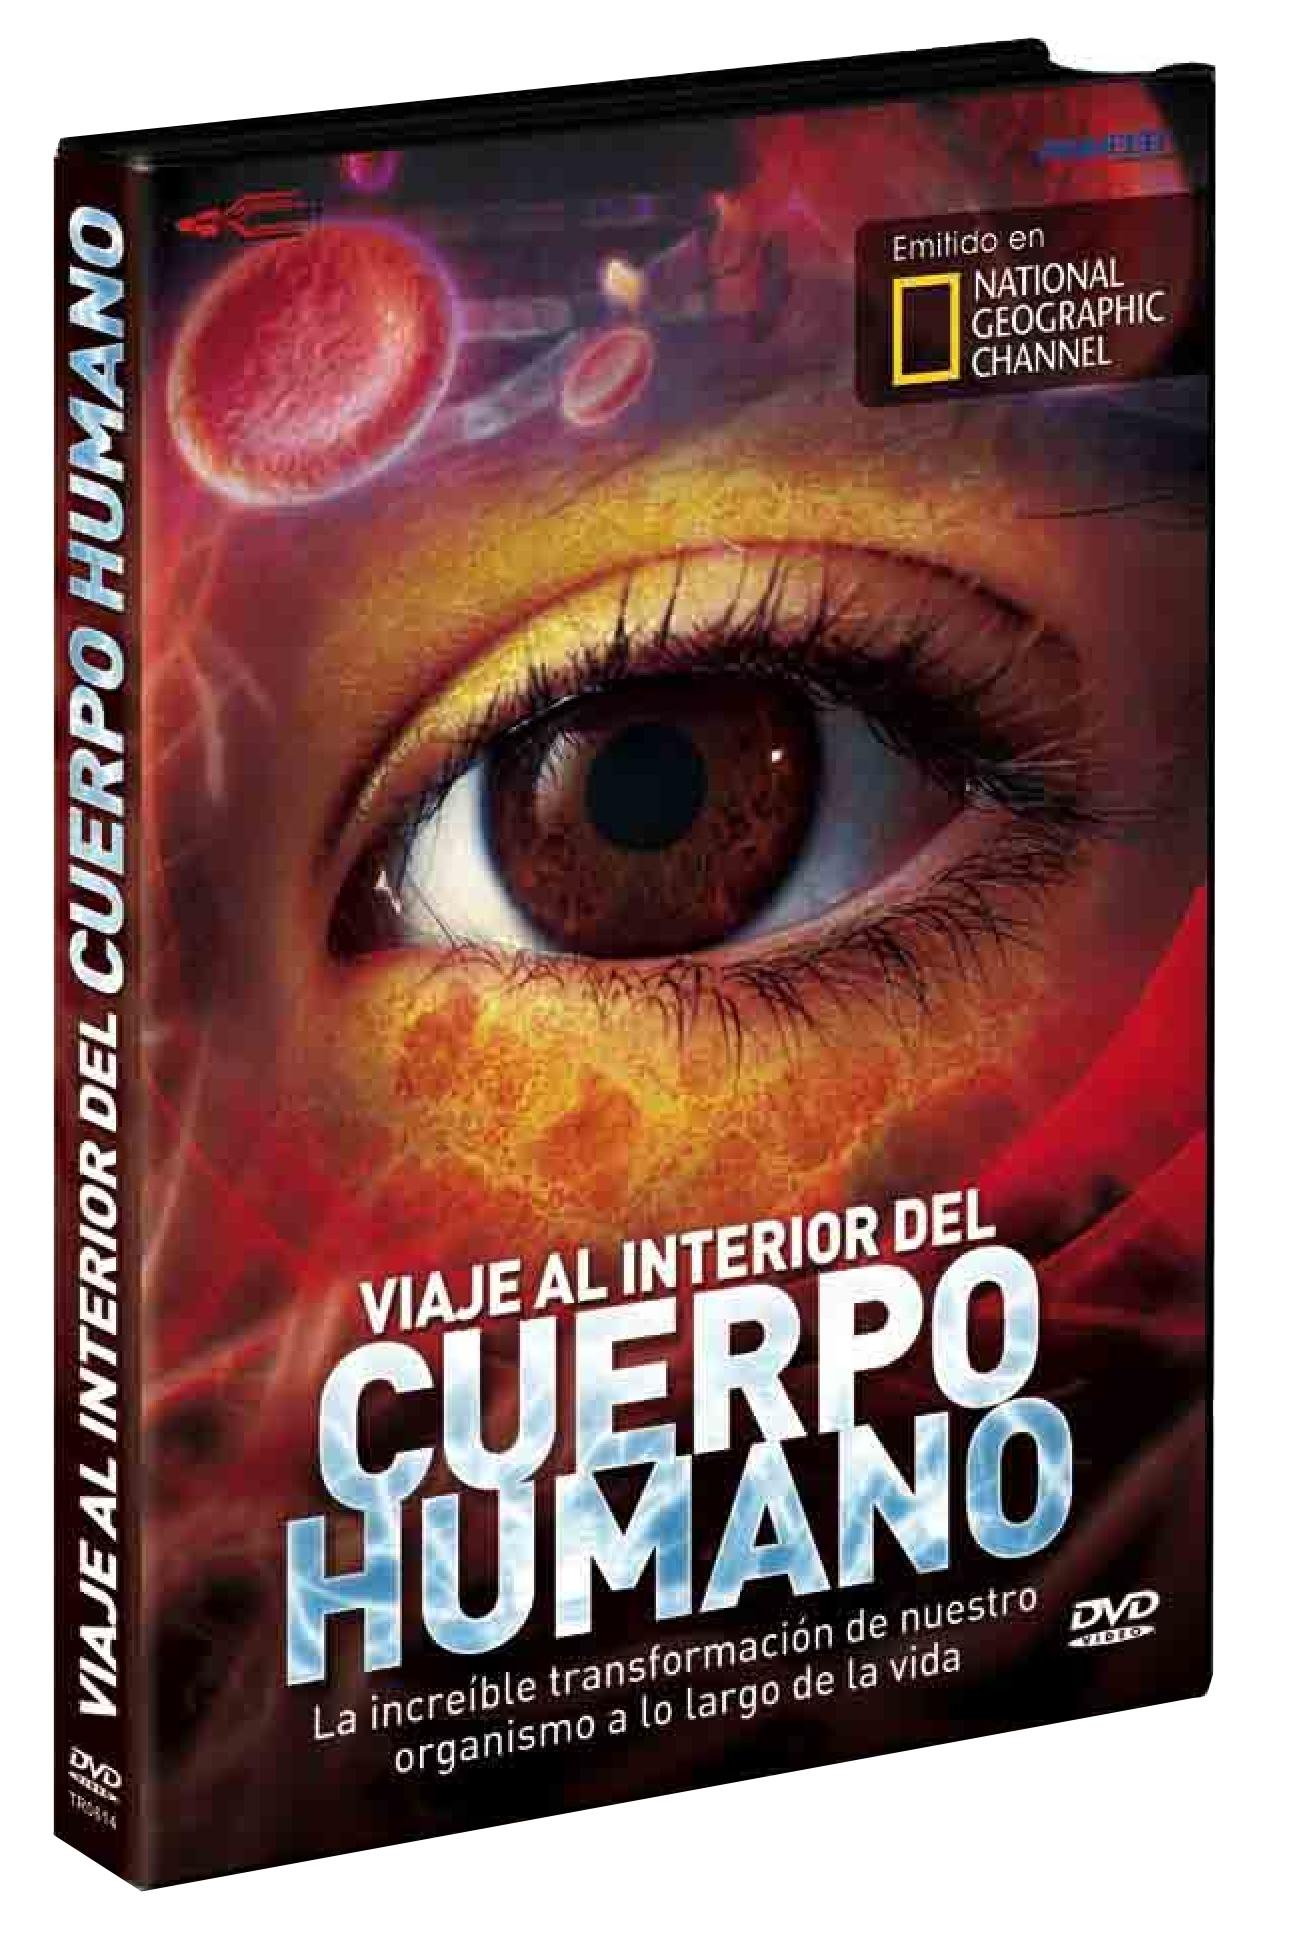 VIAJE AL INTERIOR DEL CUERPO HUMANO de Martin Willimas, comprar ...